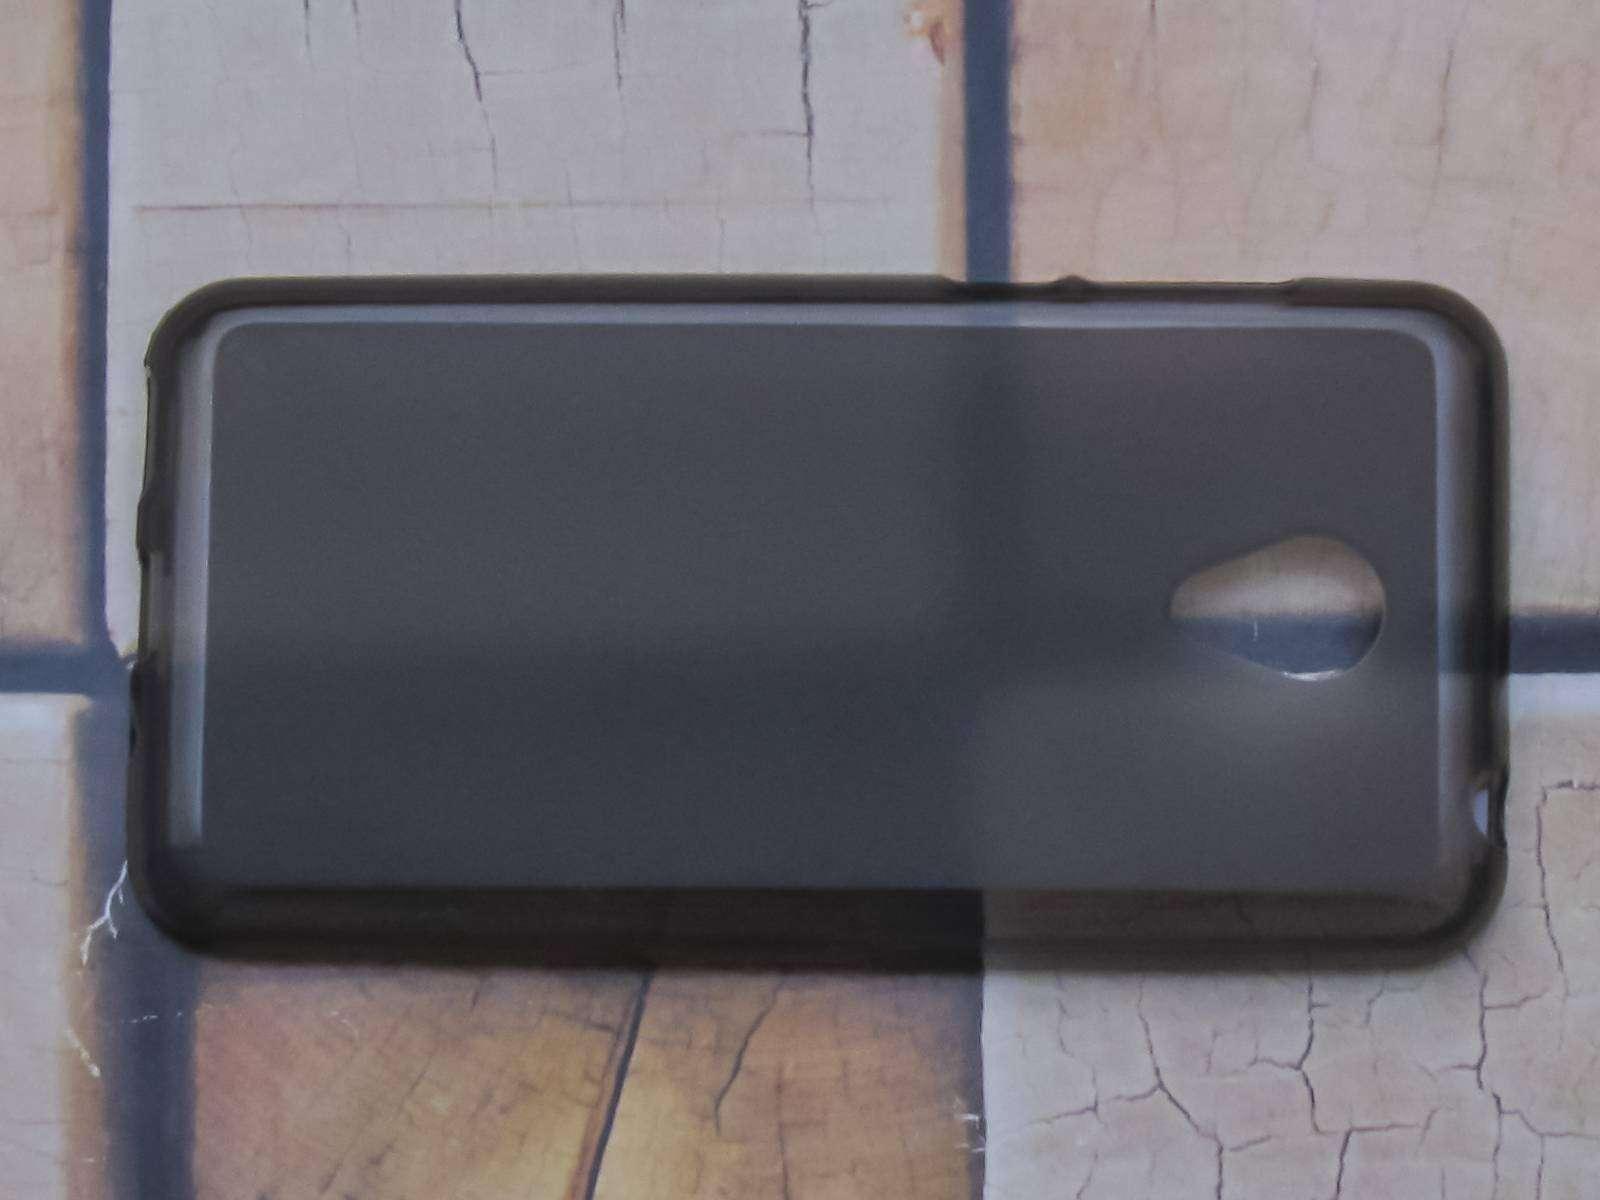 Aliexpress: Небольшой мультиобзор по аксессуарам для смартфонов